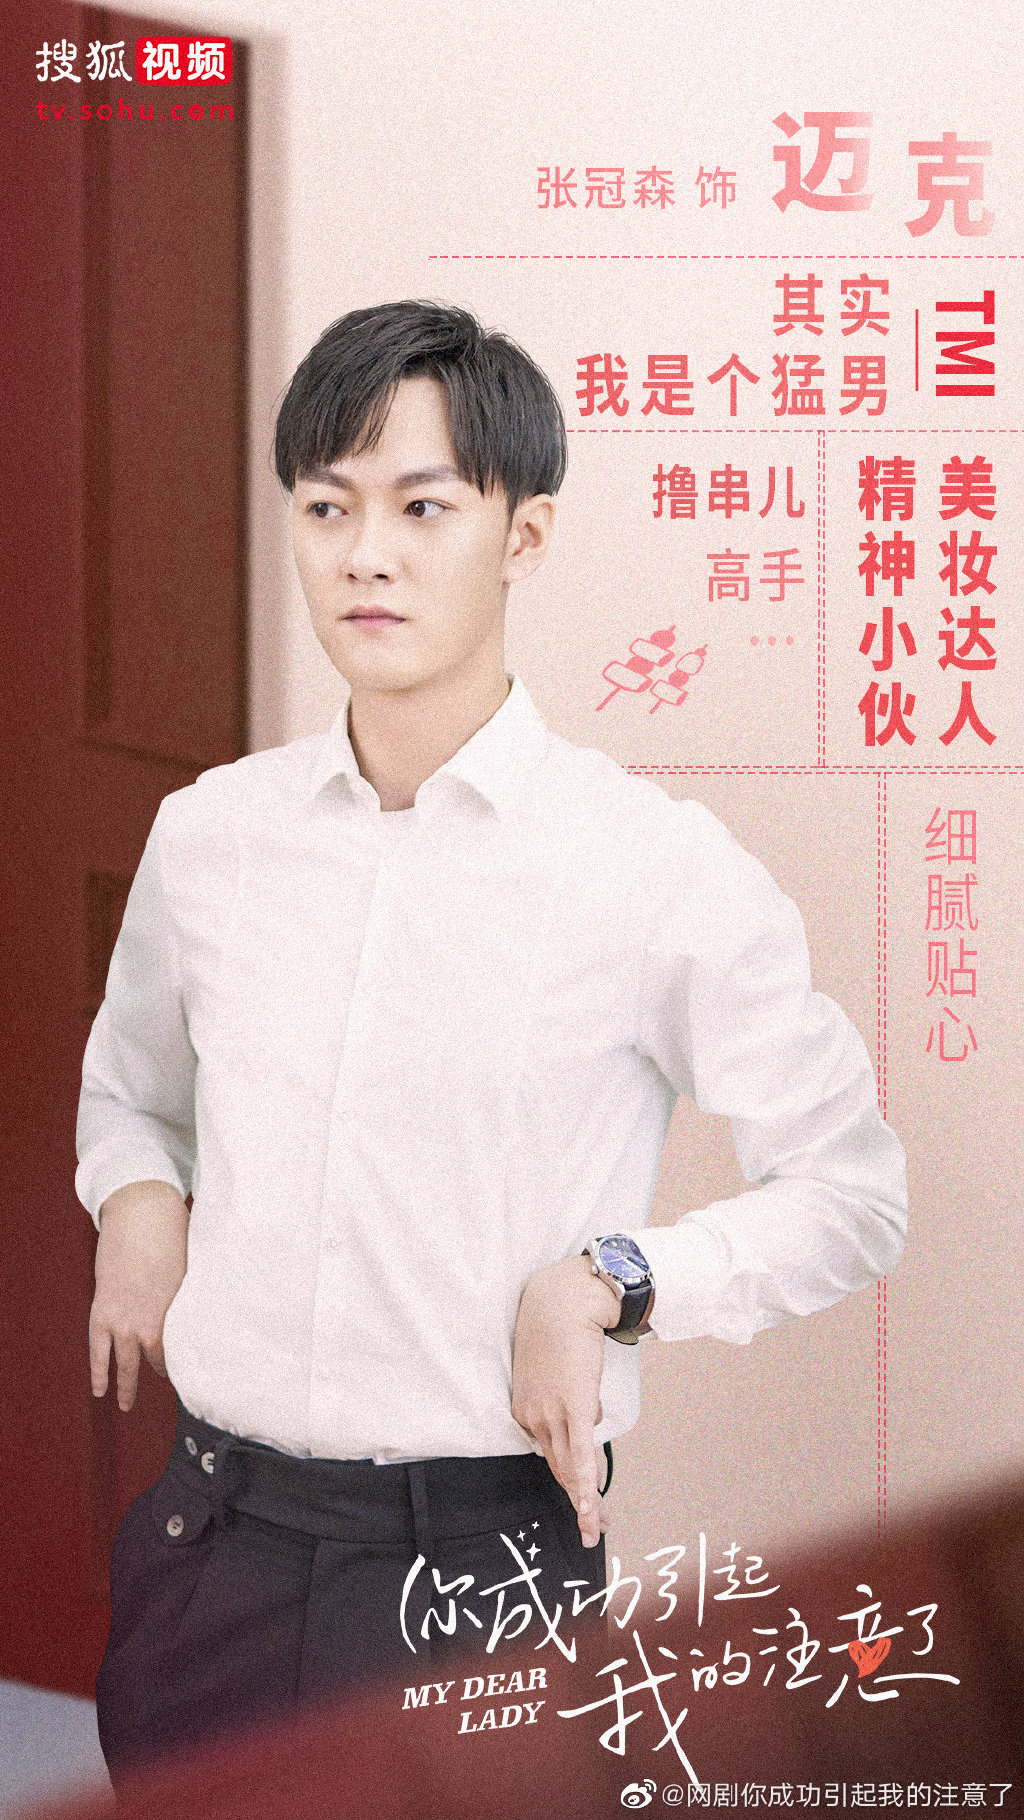 Zhang Guan Sen